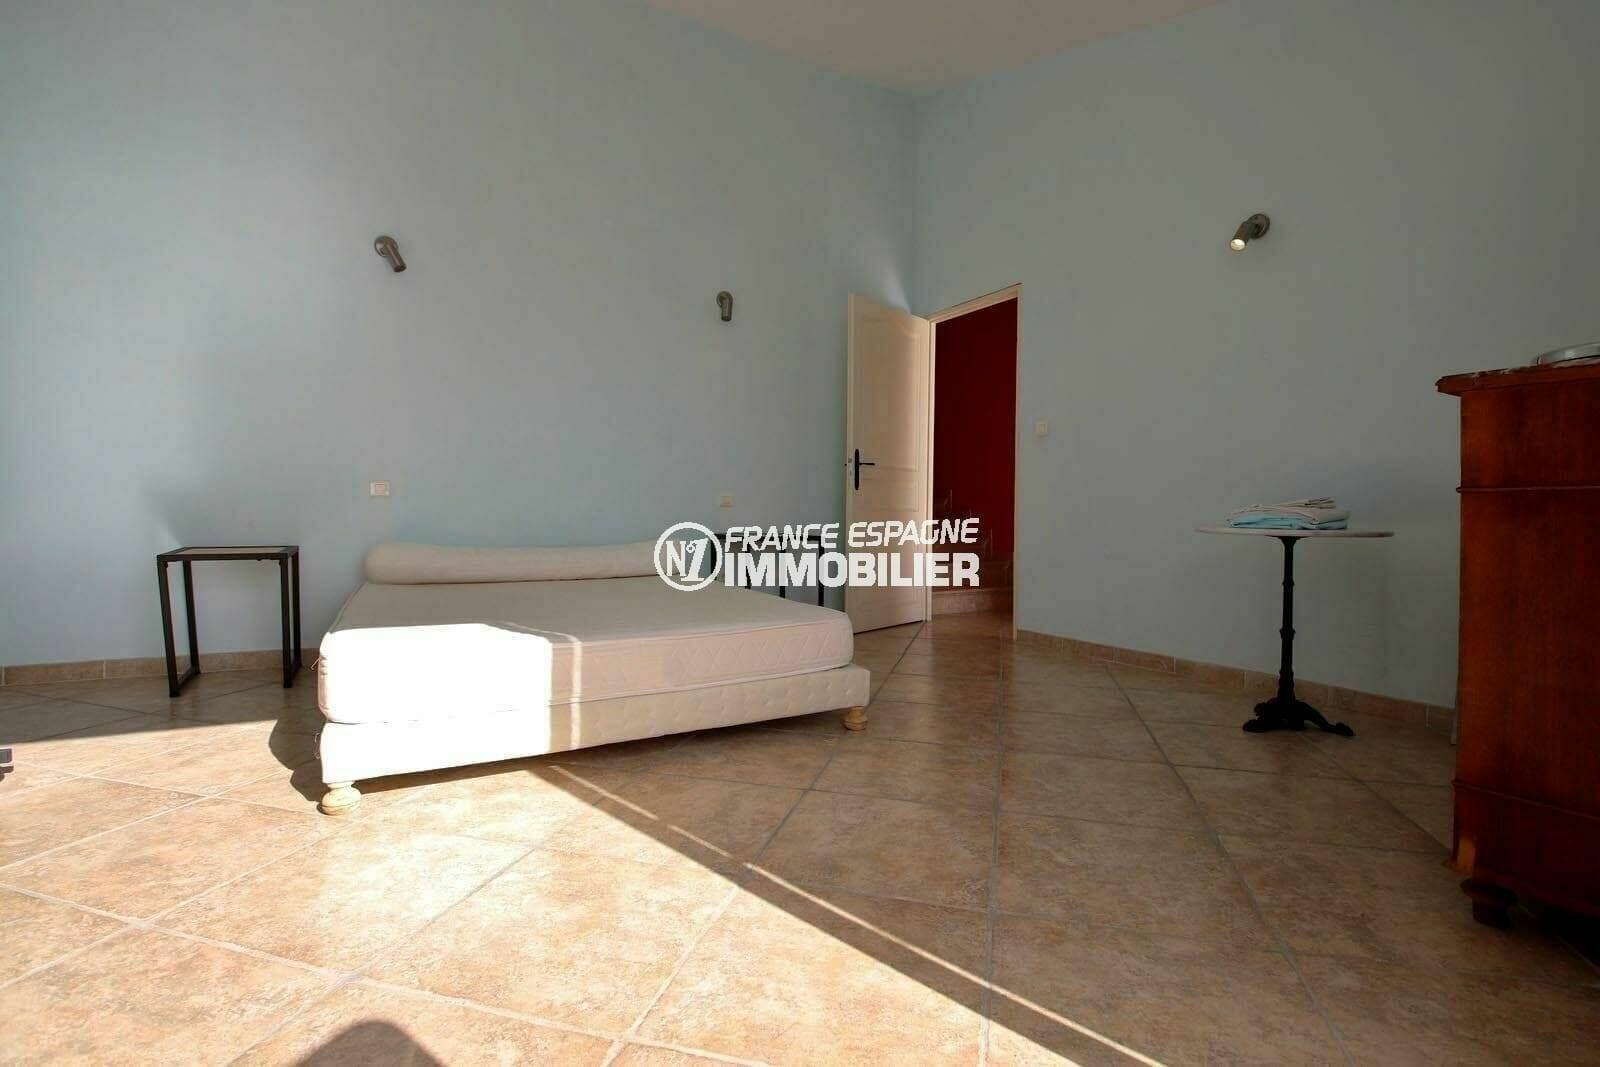 immo center roses: villa 285 m², quatrième chambre avec un lit double